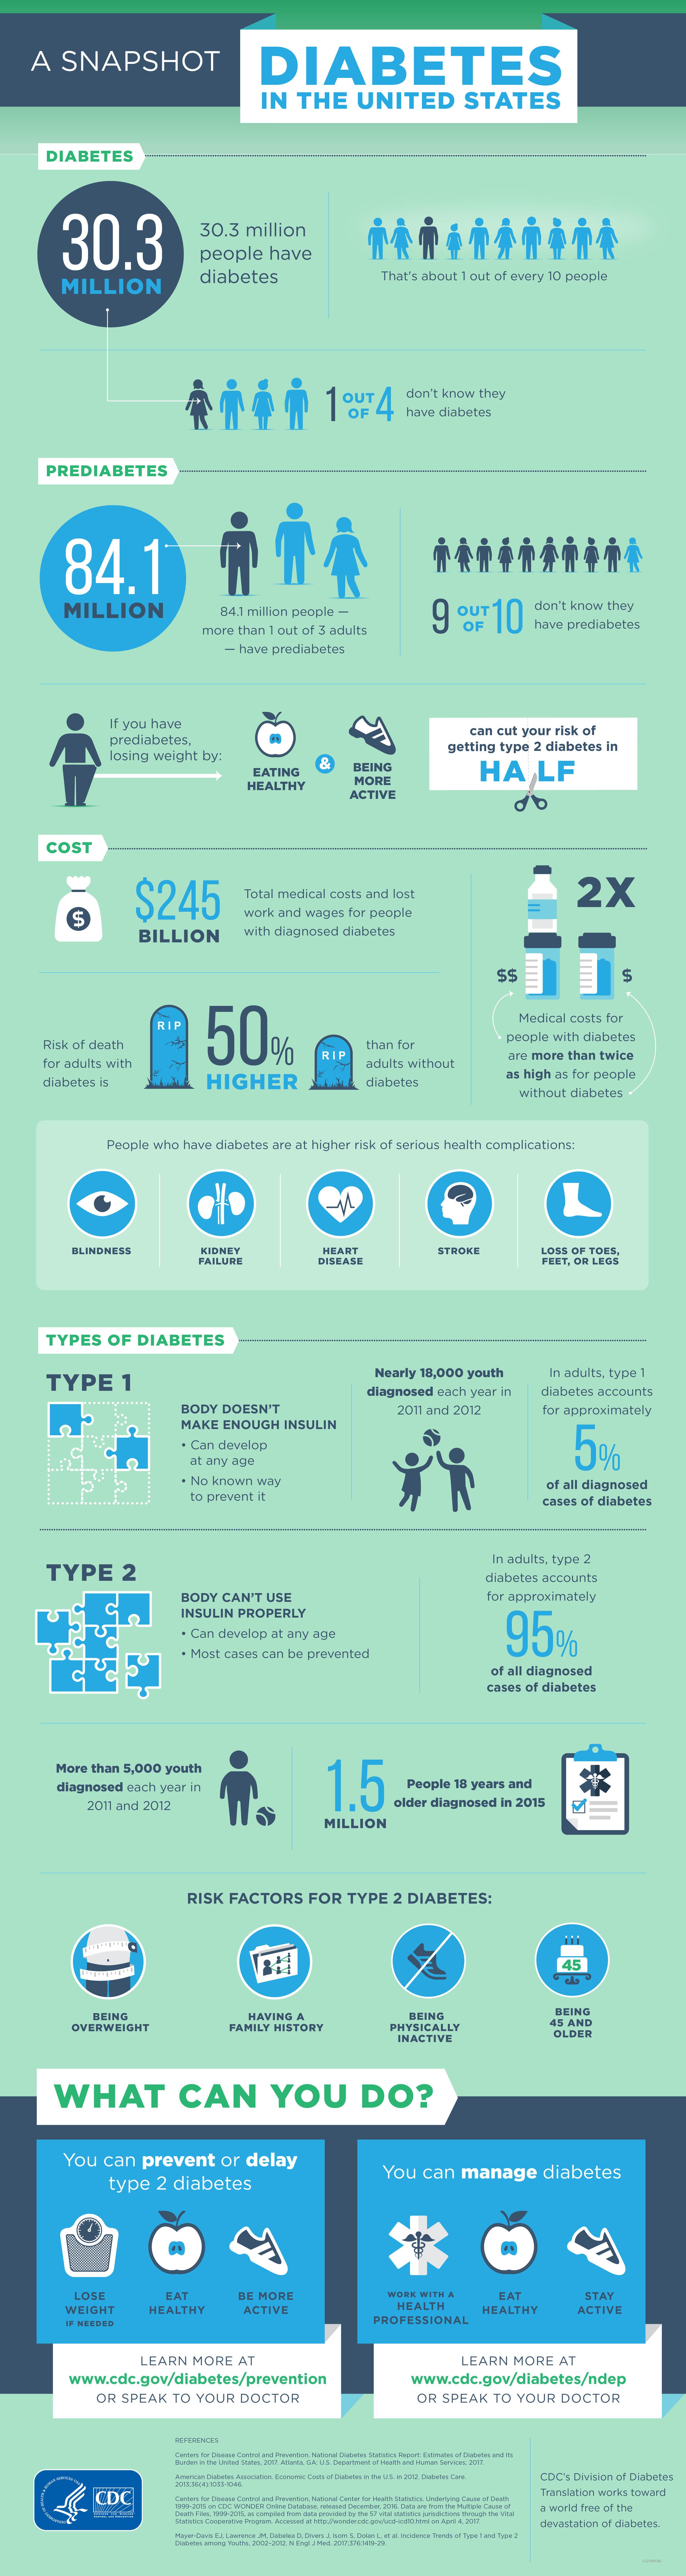 diabetes-infographic.jpg